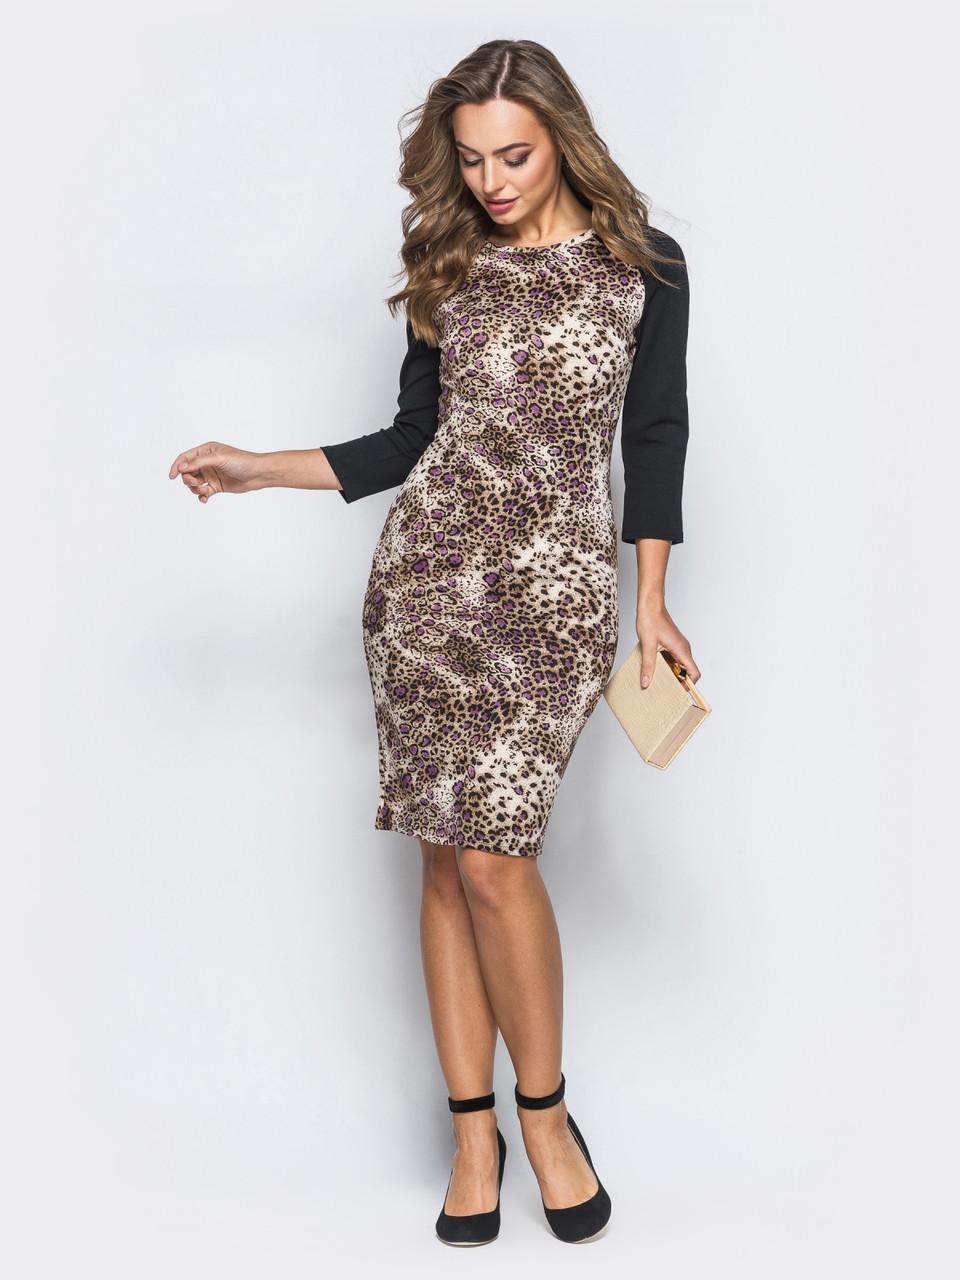 a3d59cb2015 👶Трикотажное платье с леопардовым принтом (коричневое)   42